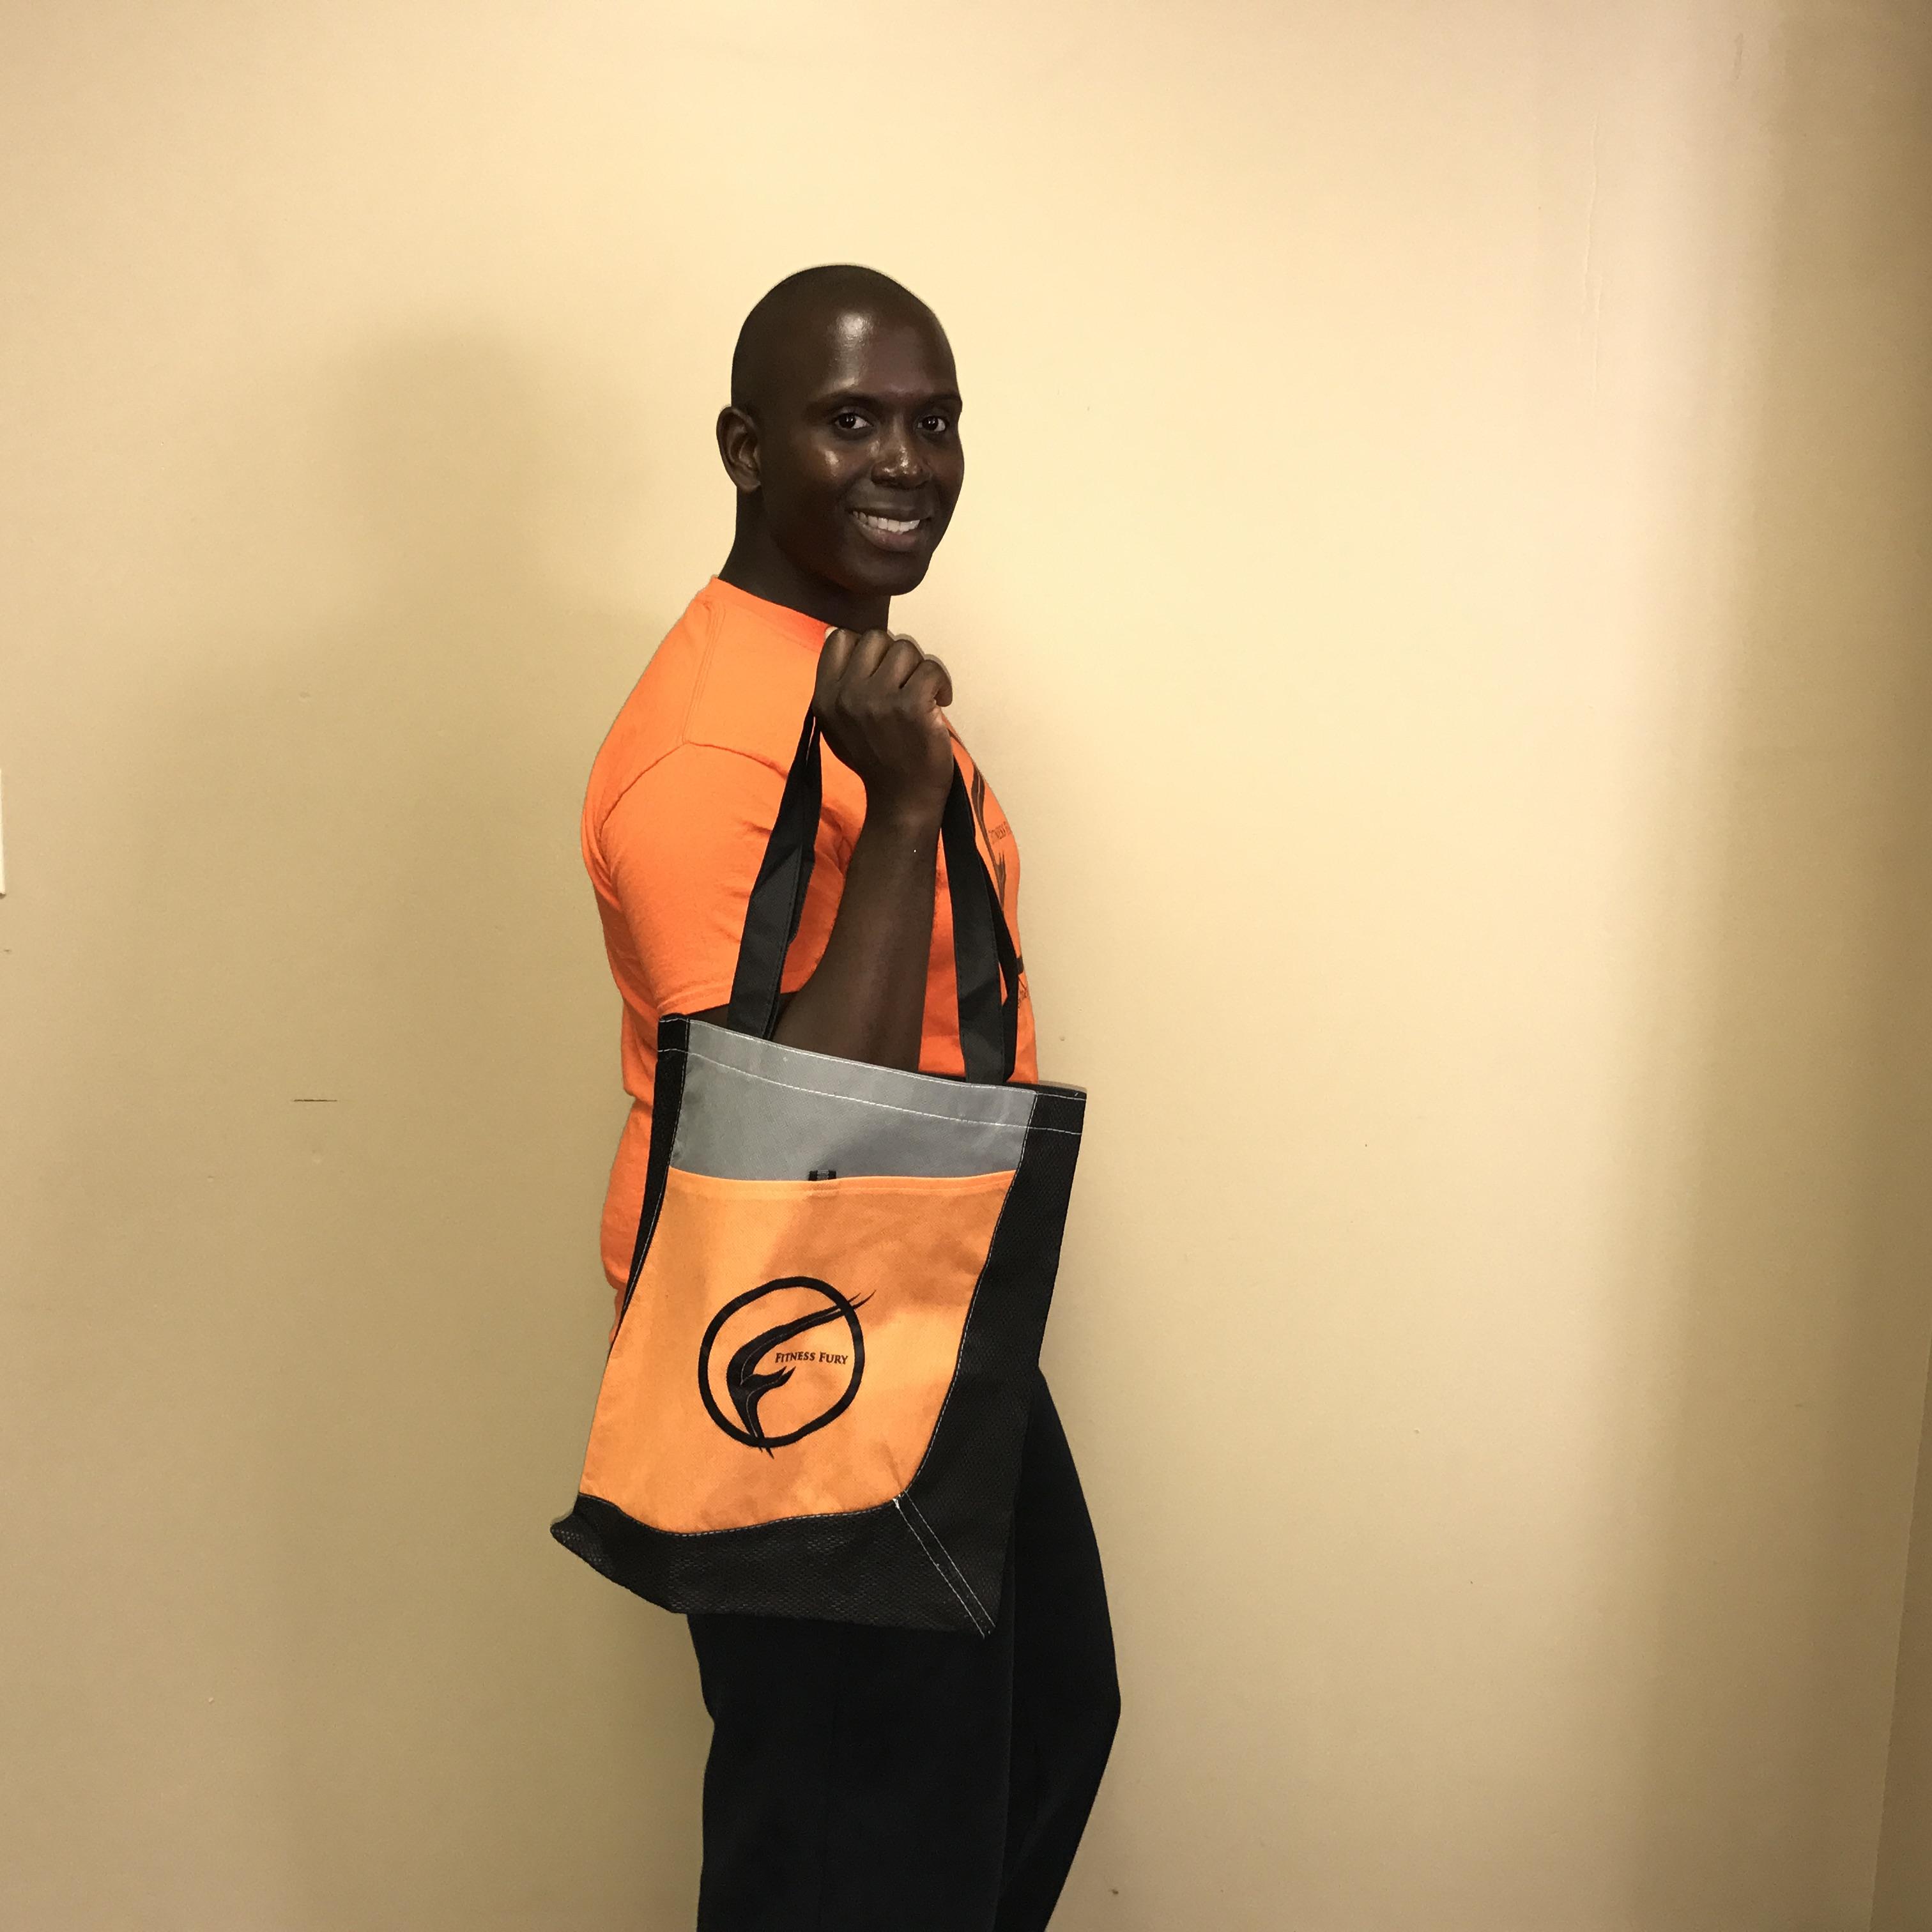 FFXP Hand Bag